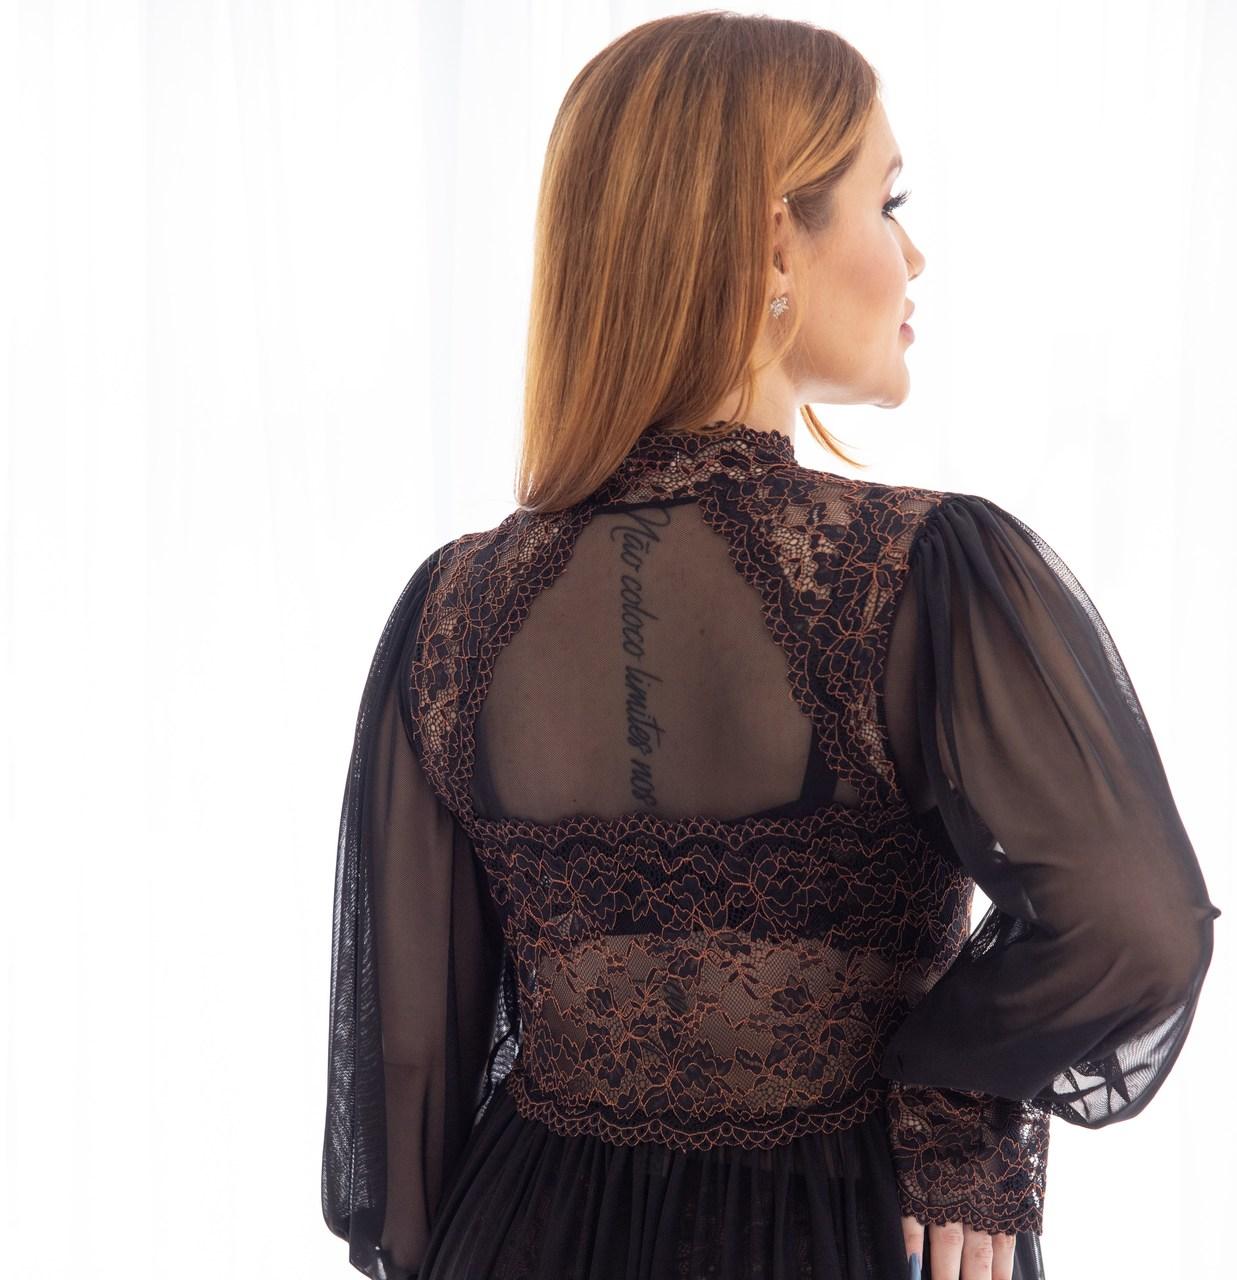 Robe longo em tule e renda bicolor preto